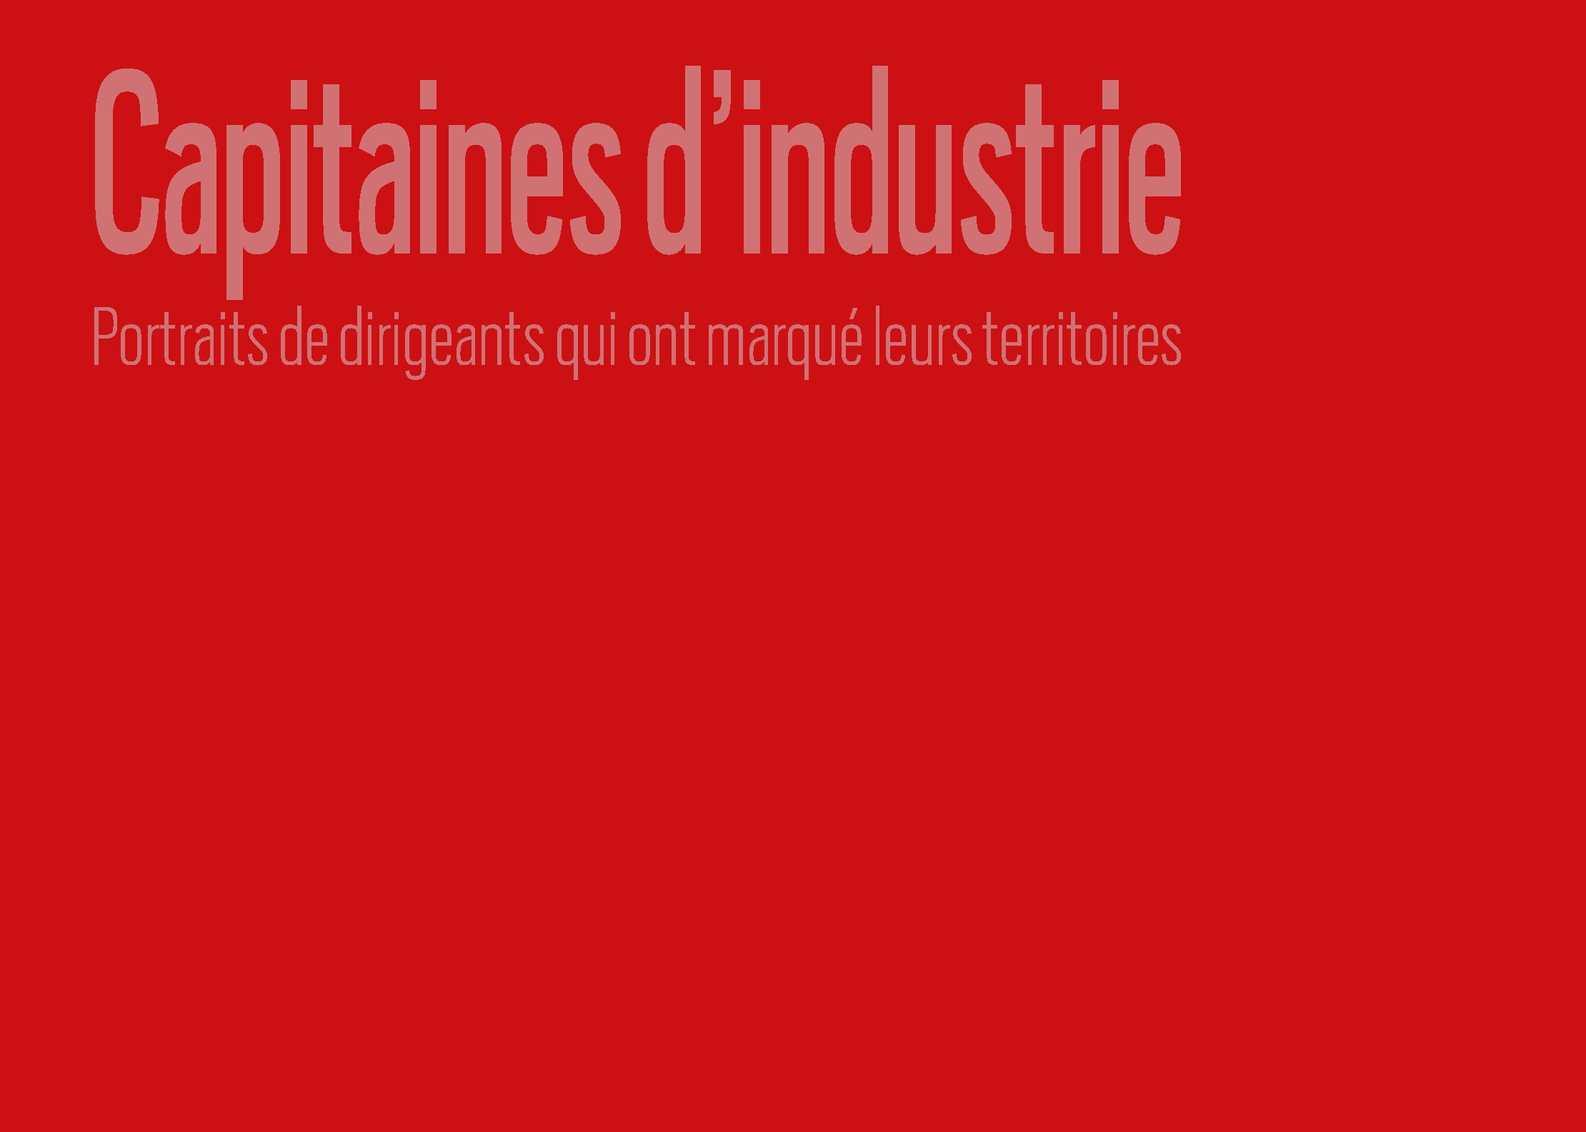 2dbf0b7ce3e676 Calaméo - Capitaines d industrie   Portraits de dirigeants qui ont marqué  leurs territoires